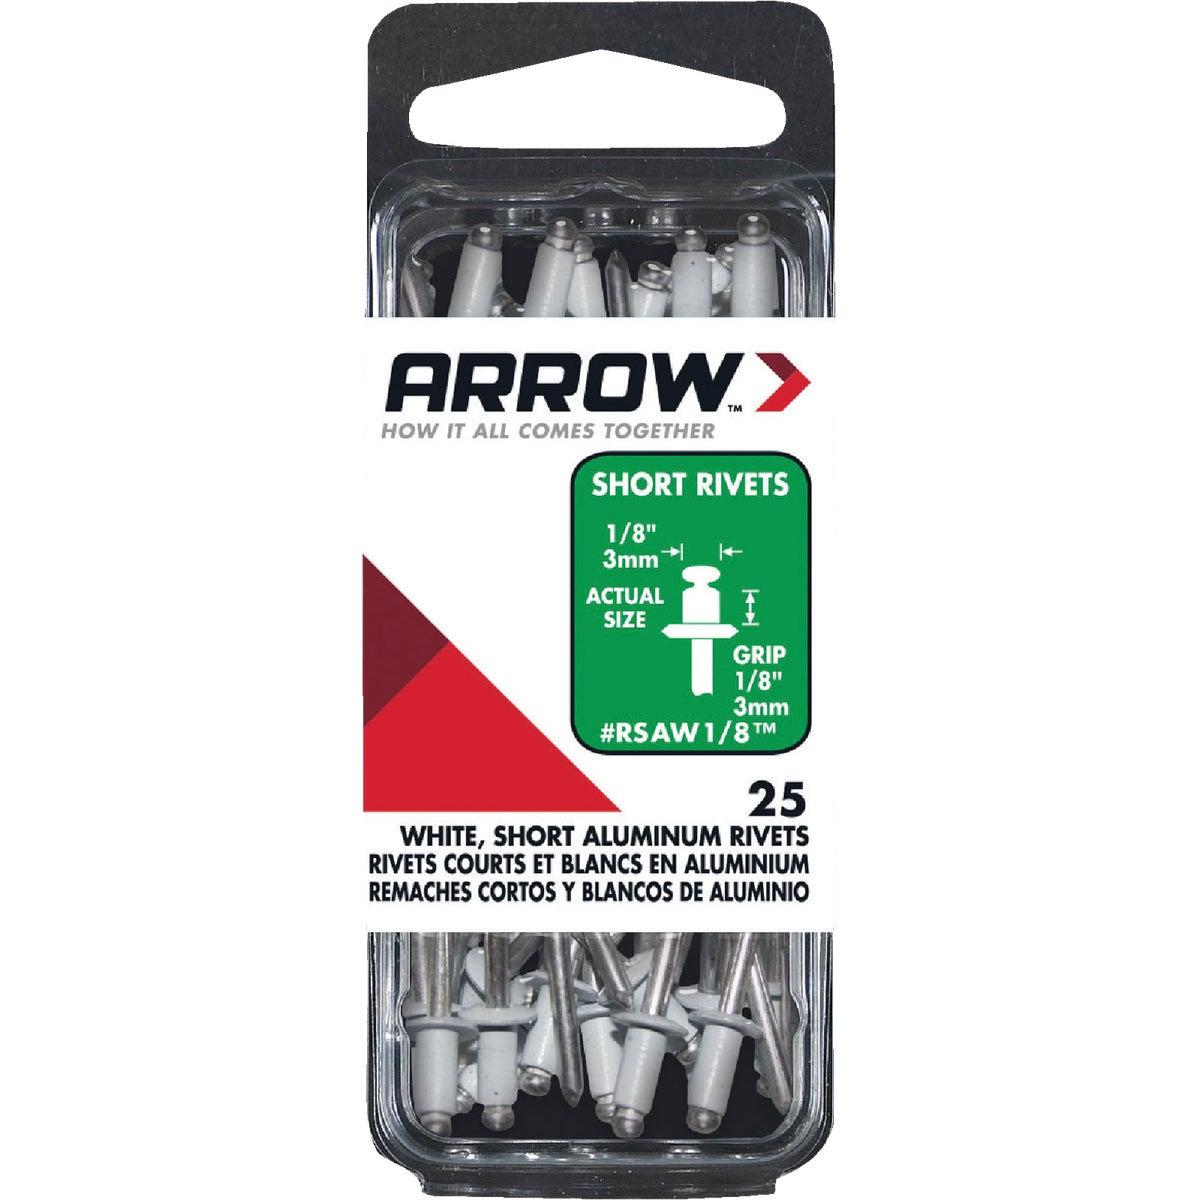 Arrow Fastener 1/8X1/8 WHT ALUM RIVET RSAW1/8